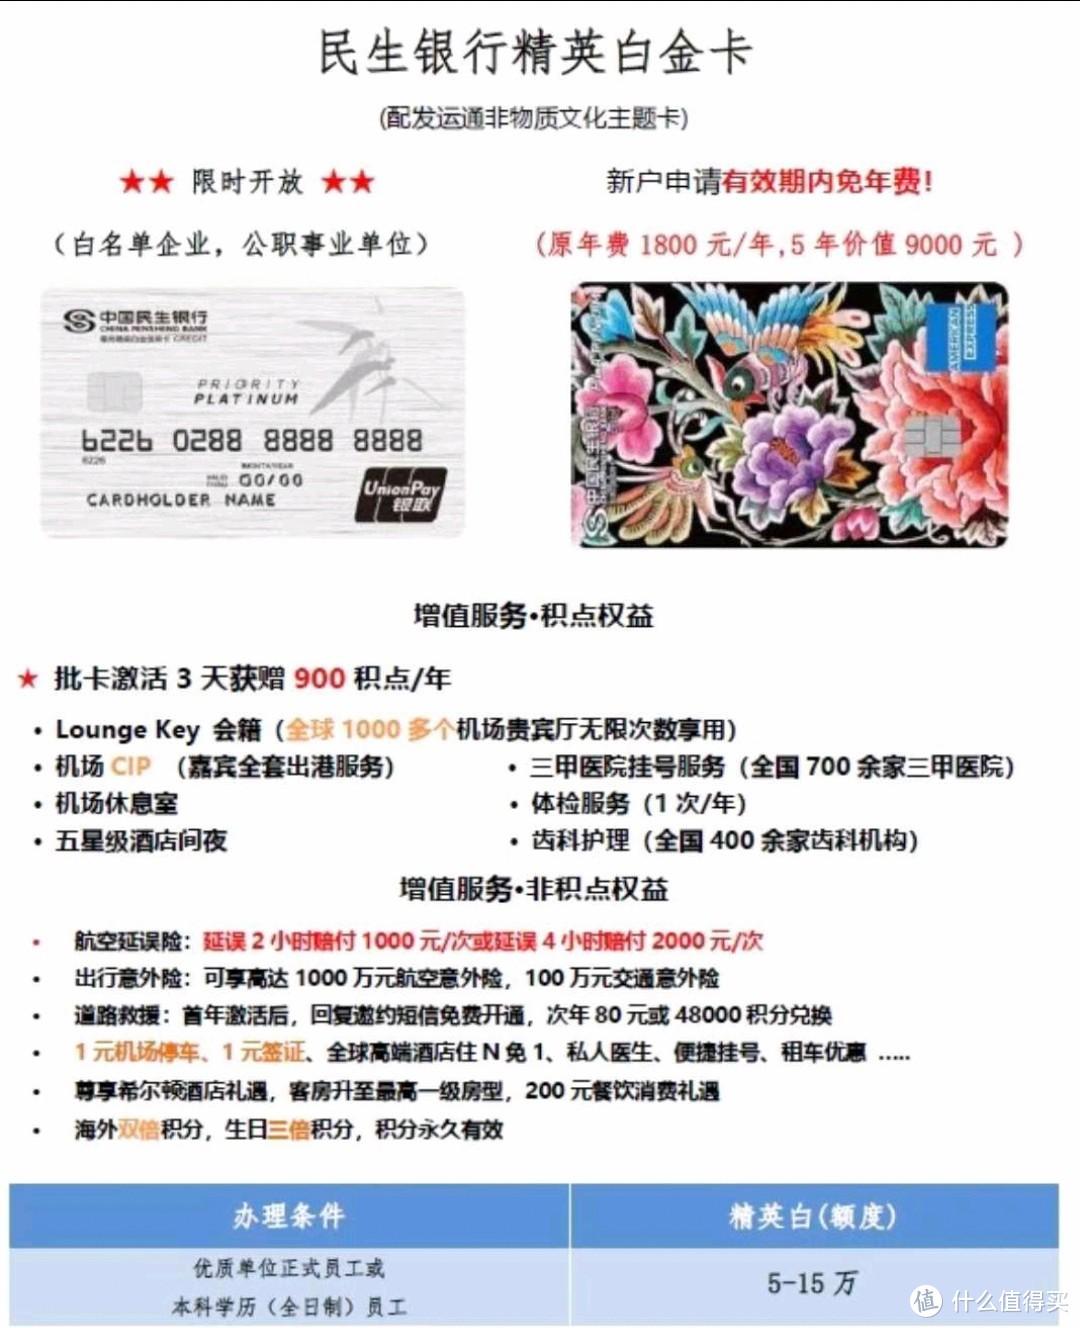 民生精英白金信用卡,民生香港账户,民生消费贷款,优惠多多,欢迎电话咨询